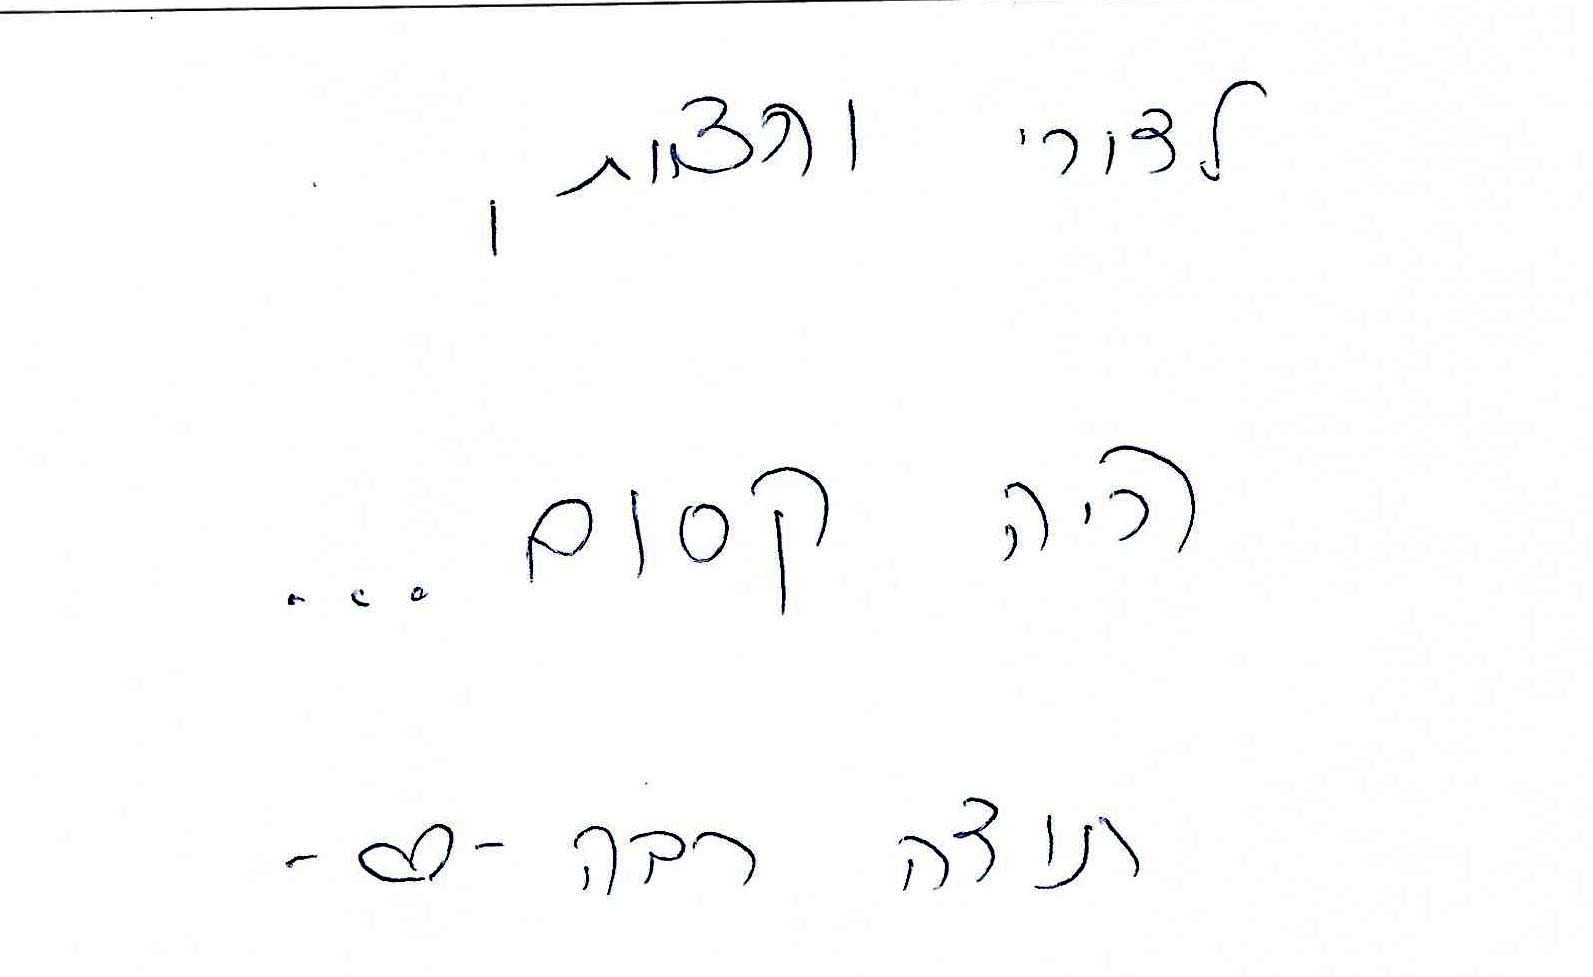 המלצה-על-מנלון-בוטיק-קאמי-06.png